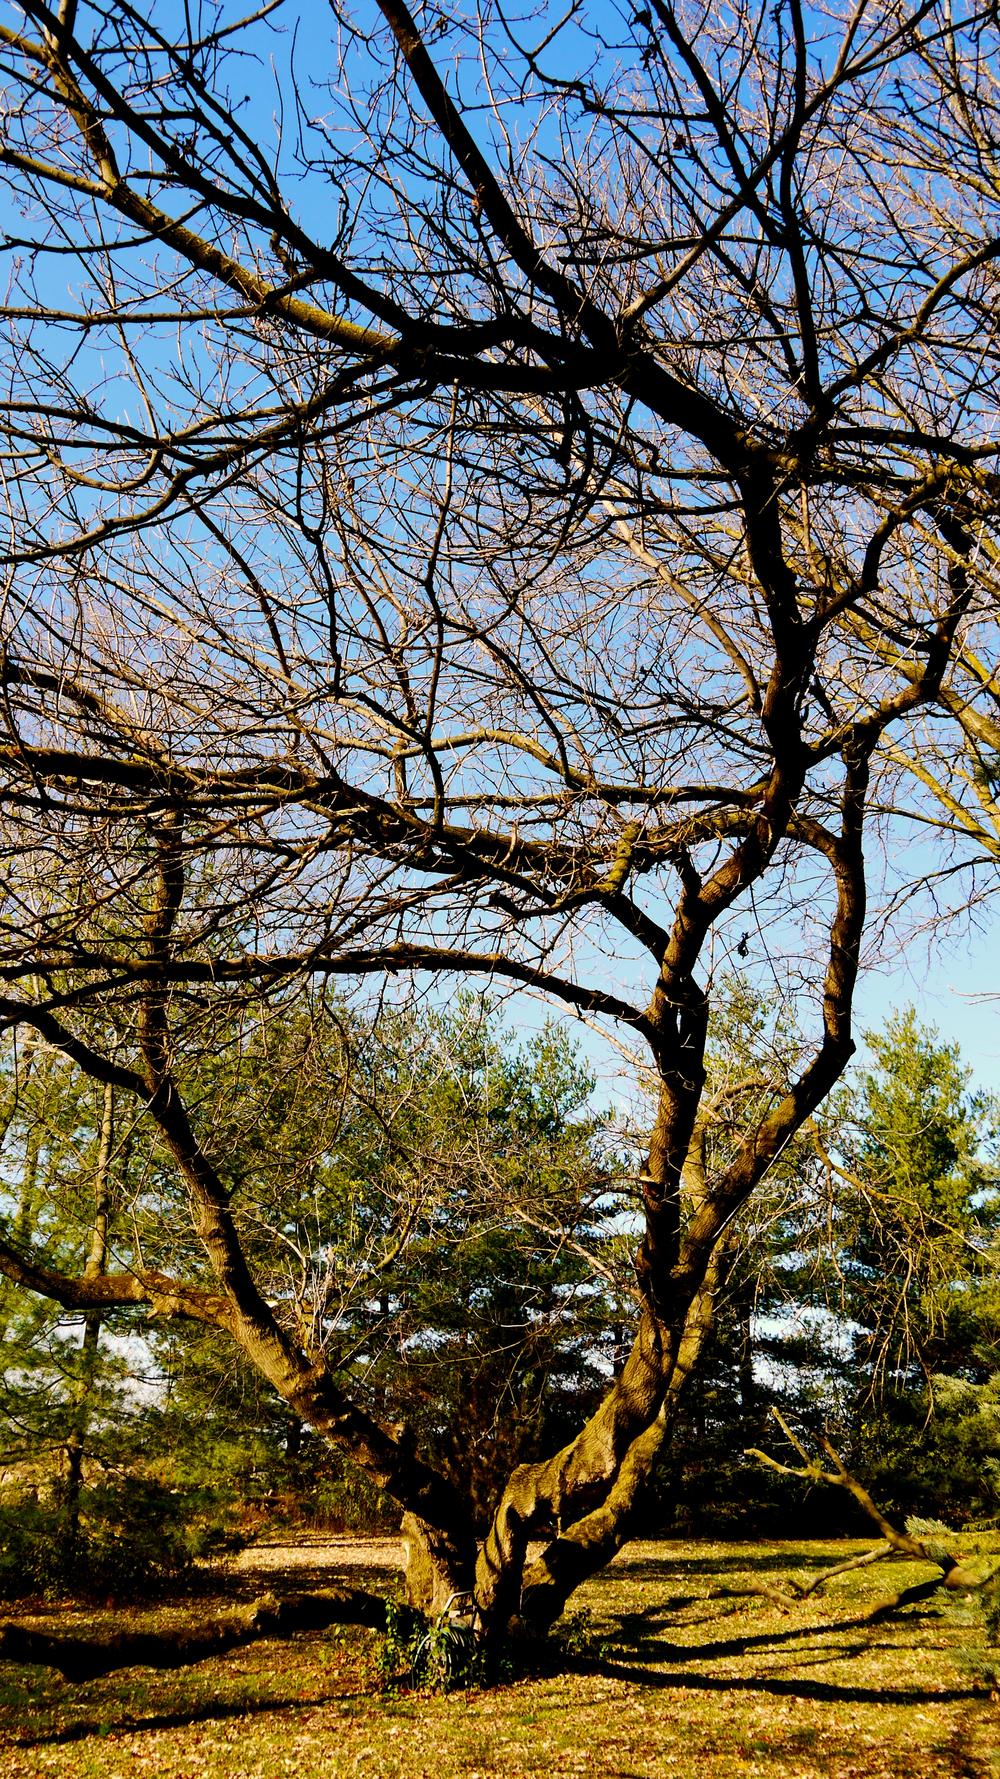 p1000378-palm-tree.jpg